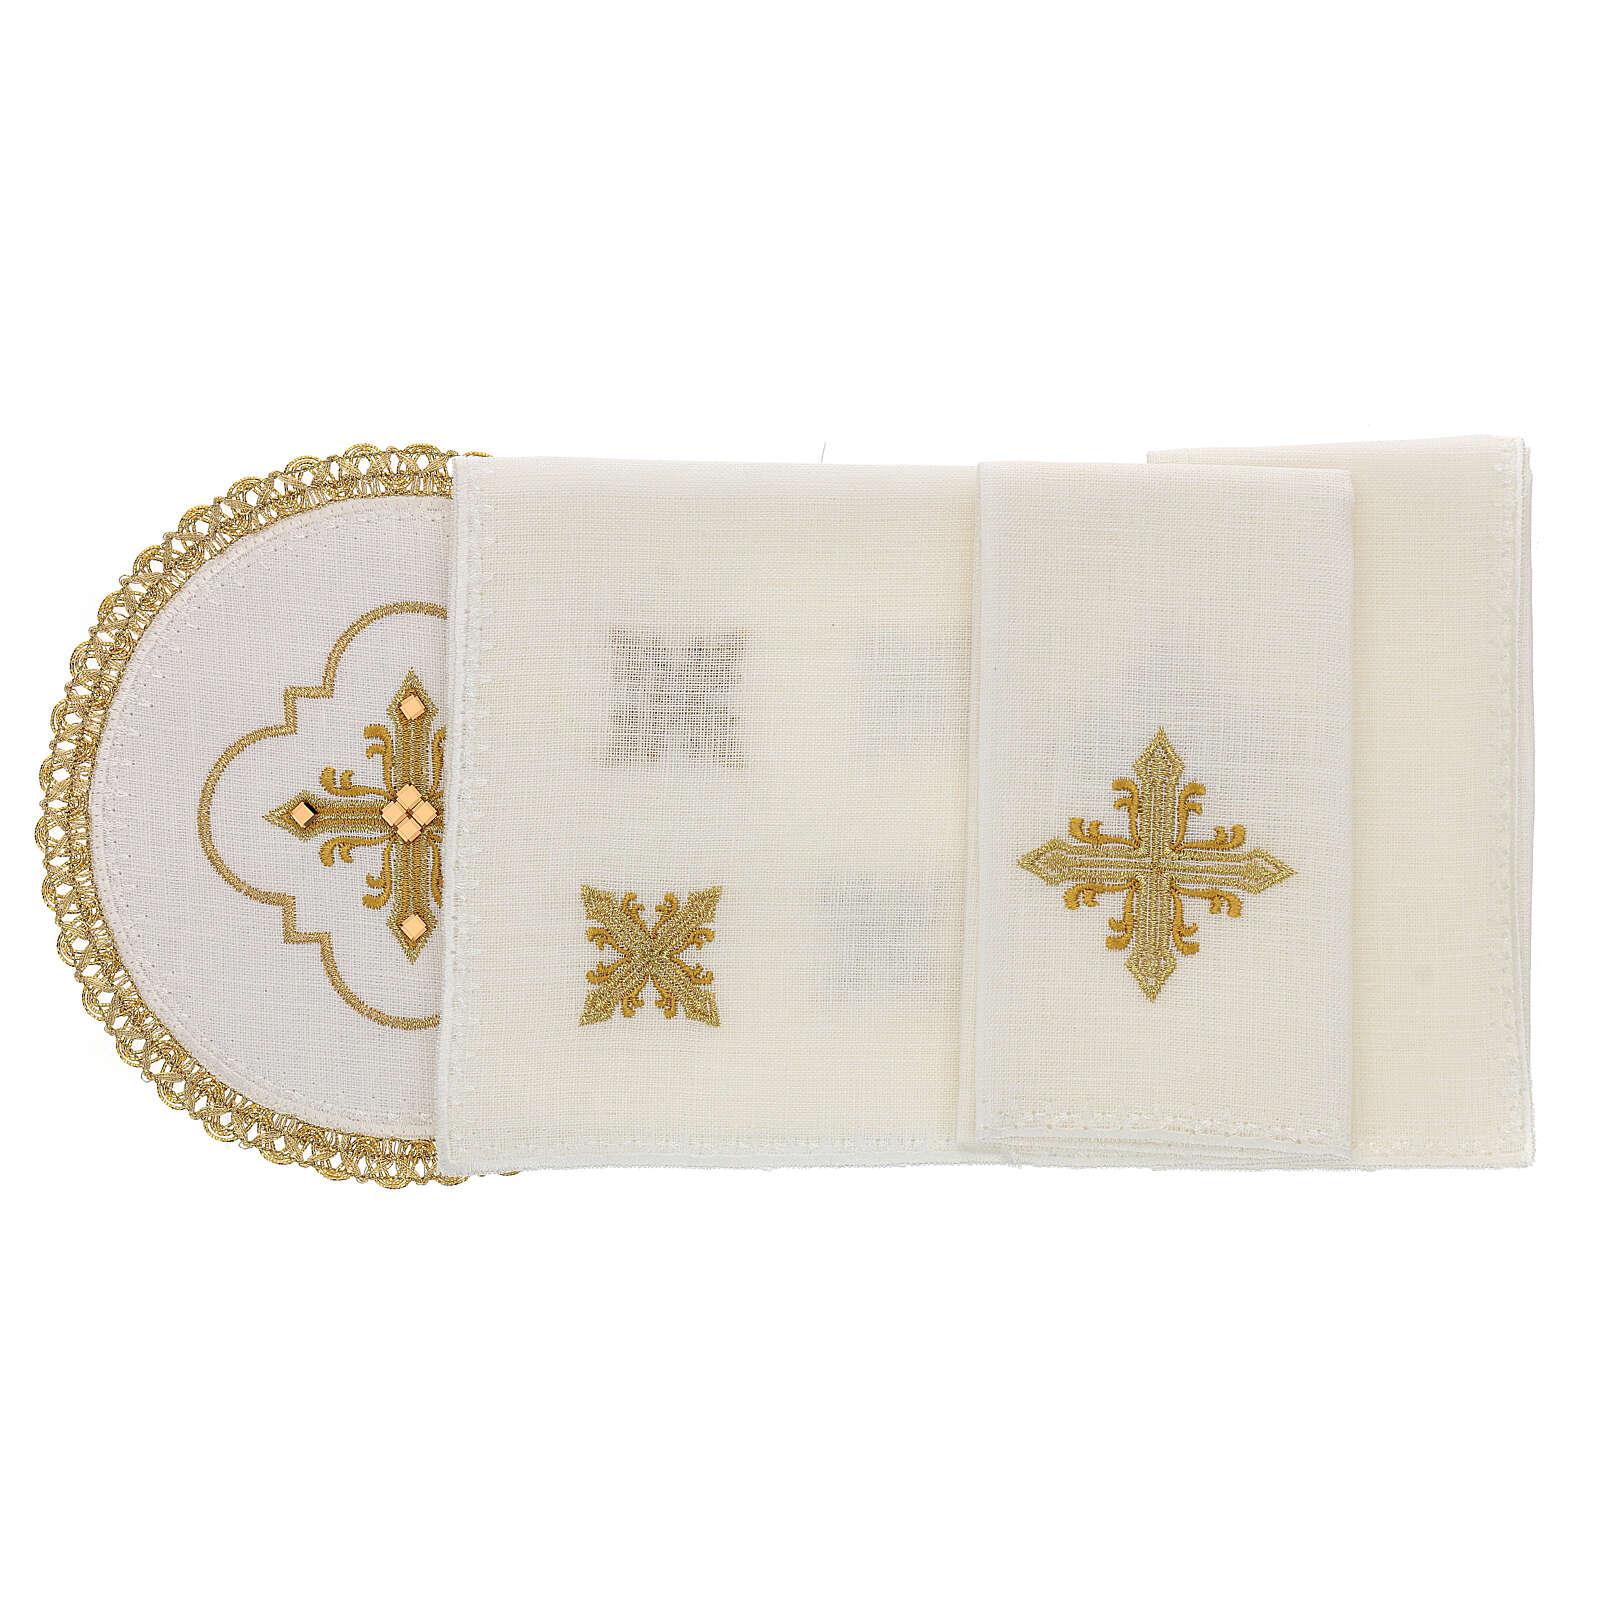 Linge d'autel 4 pcs 100% LIN rond broderies décorations or Édition Limitée 4